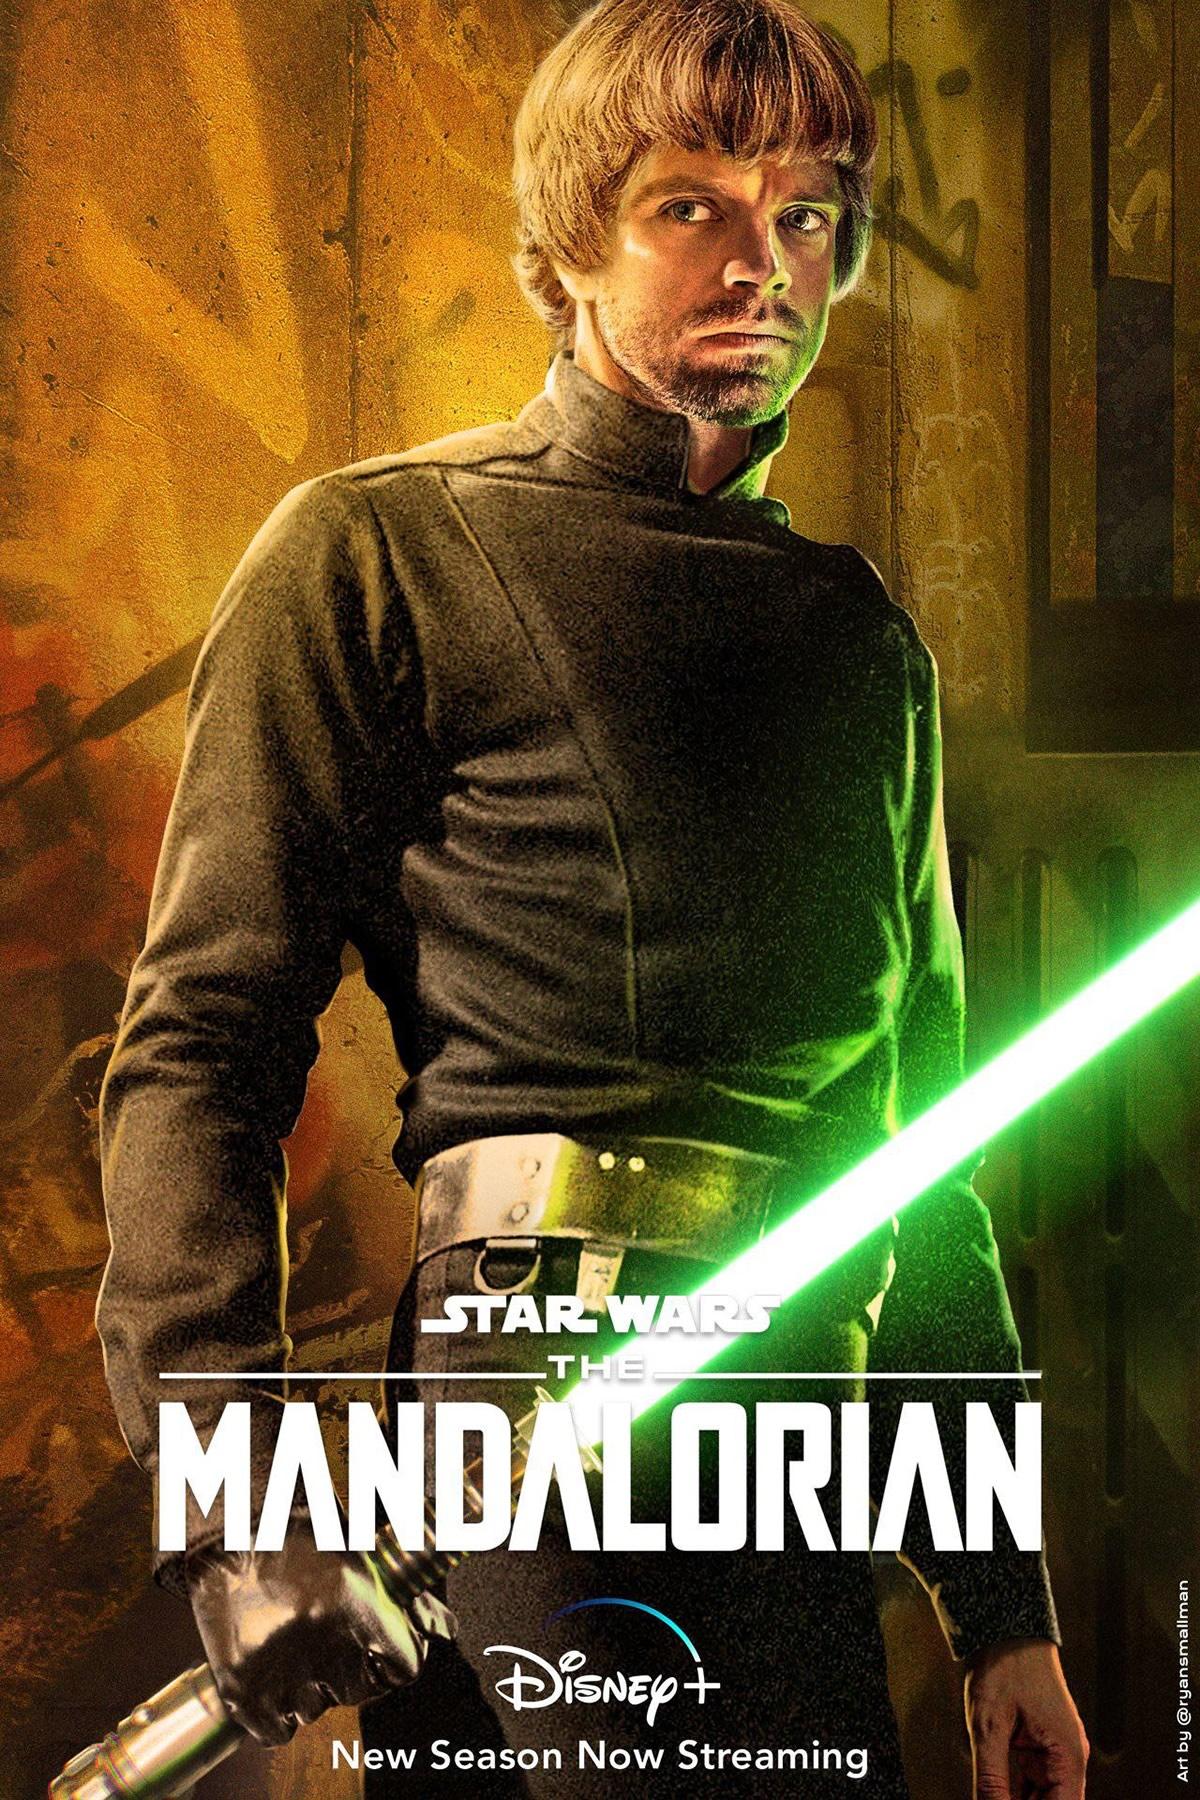 Montagem de Sebastian Stan como Luke Skywalker em The Mandalorian 2